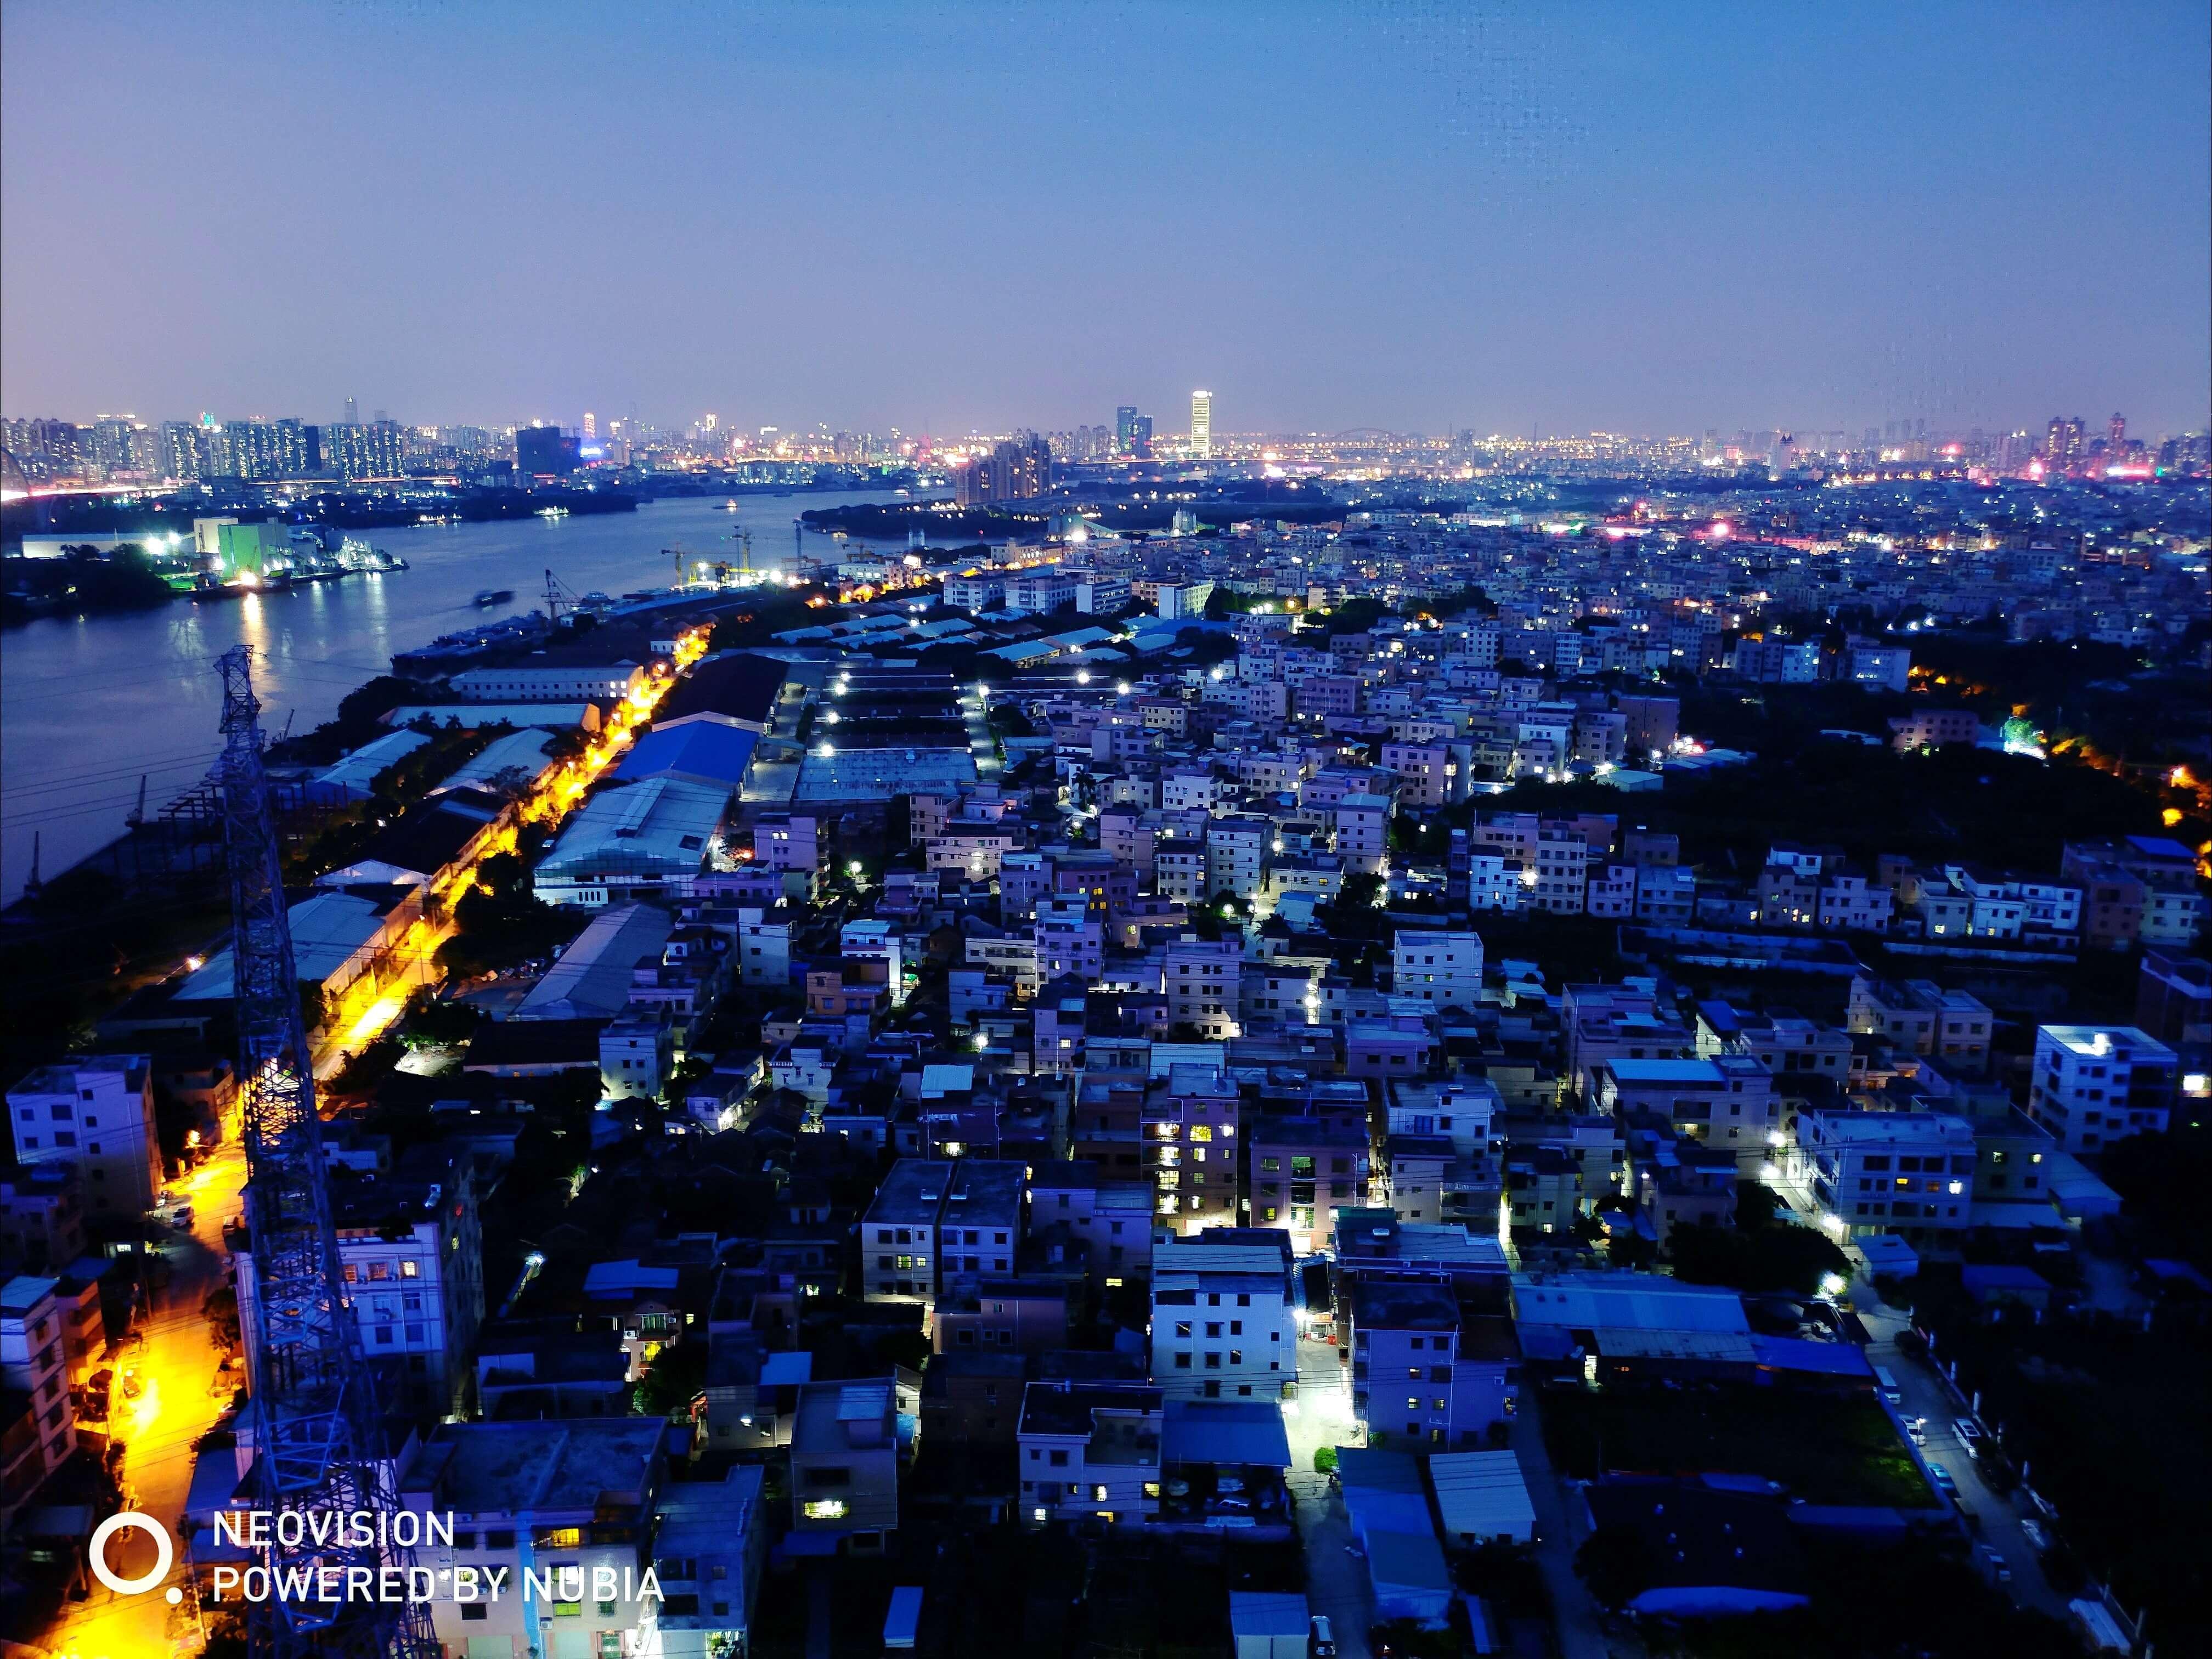 夜幕下的城中村